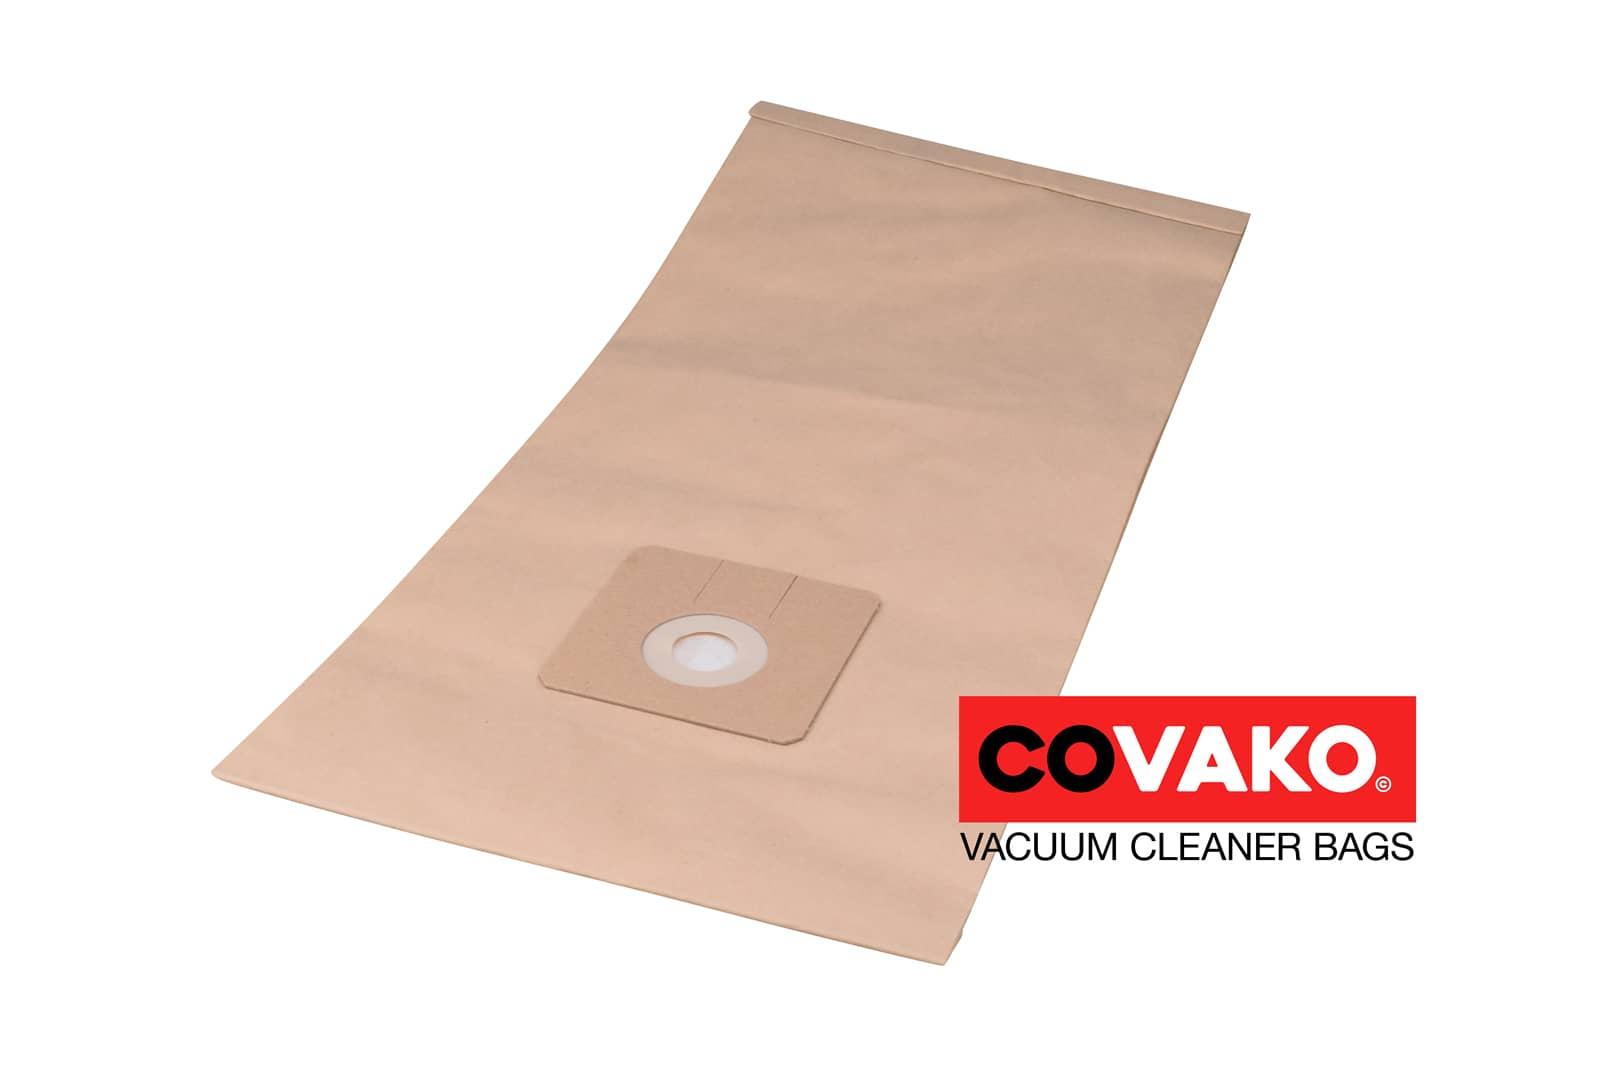 Kenbo 25 Eco plus / Papier - Kenbo sacs d'aspirateur